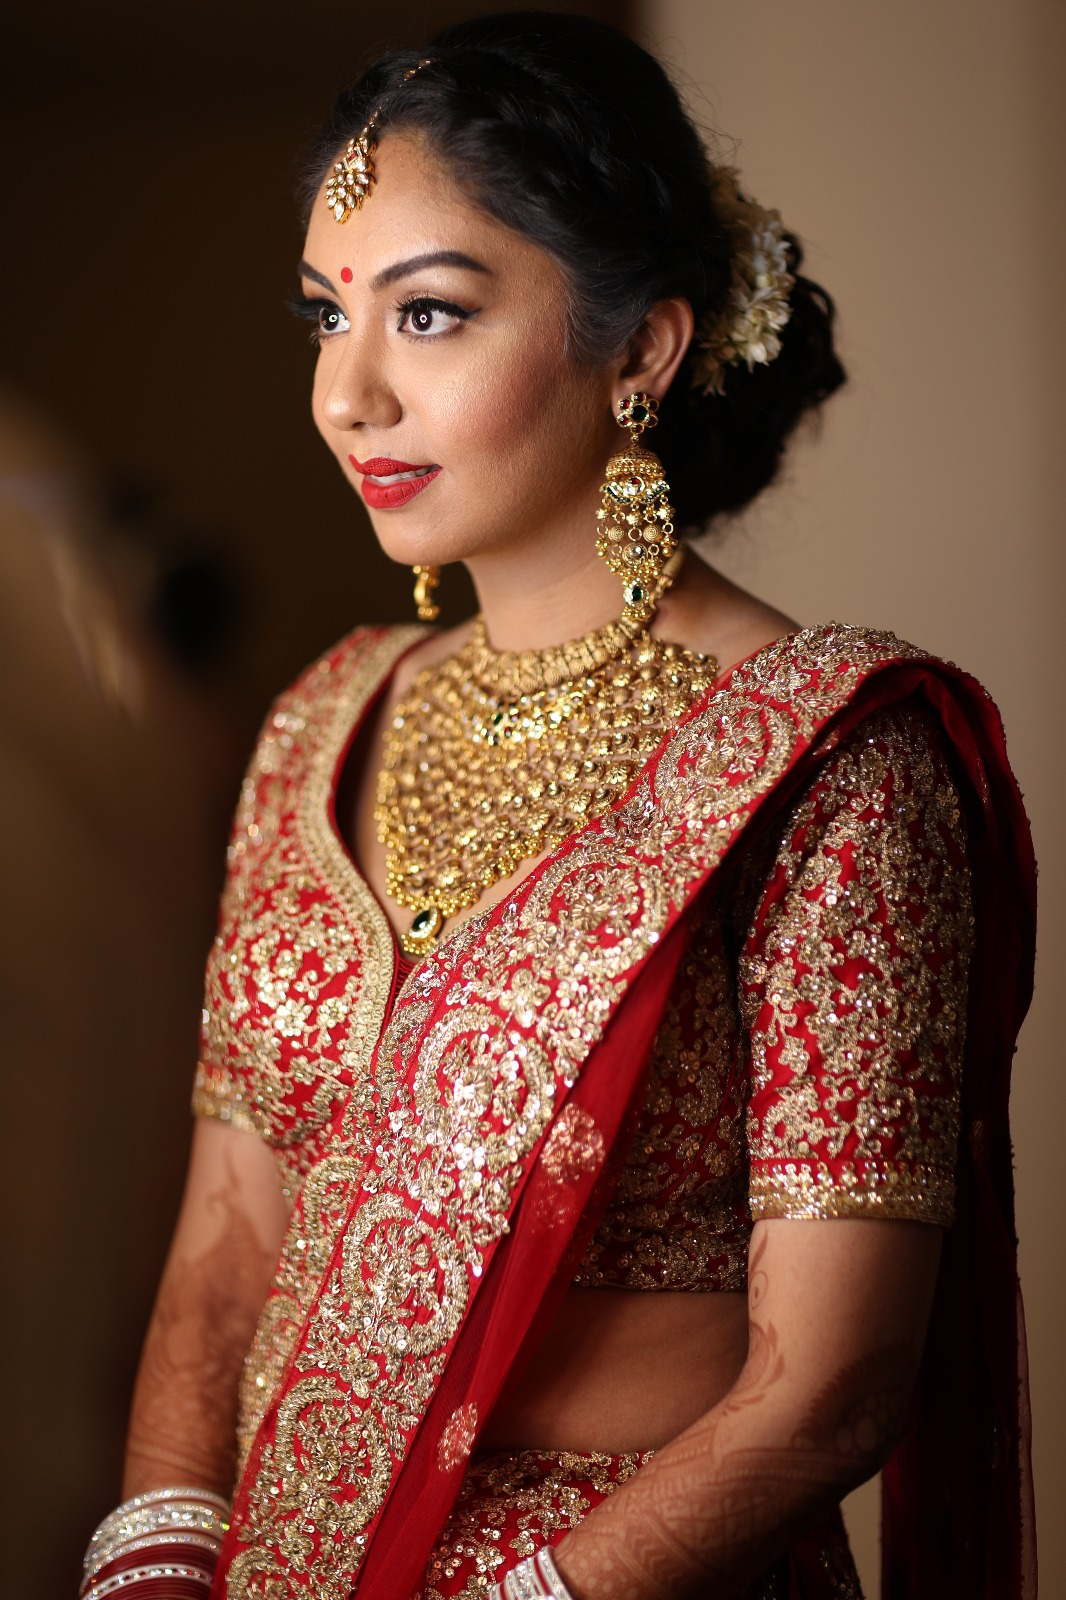 Bridal Makeup, India Bride, Indian Bridal Makeup, Red Lehenga, Red Bridal Look, Red Bindi, Red Lipstick